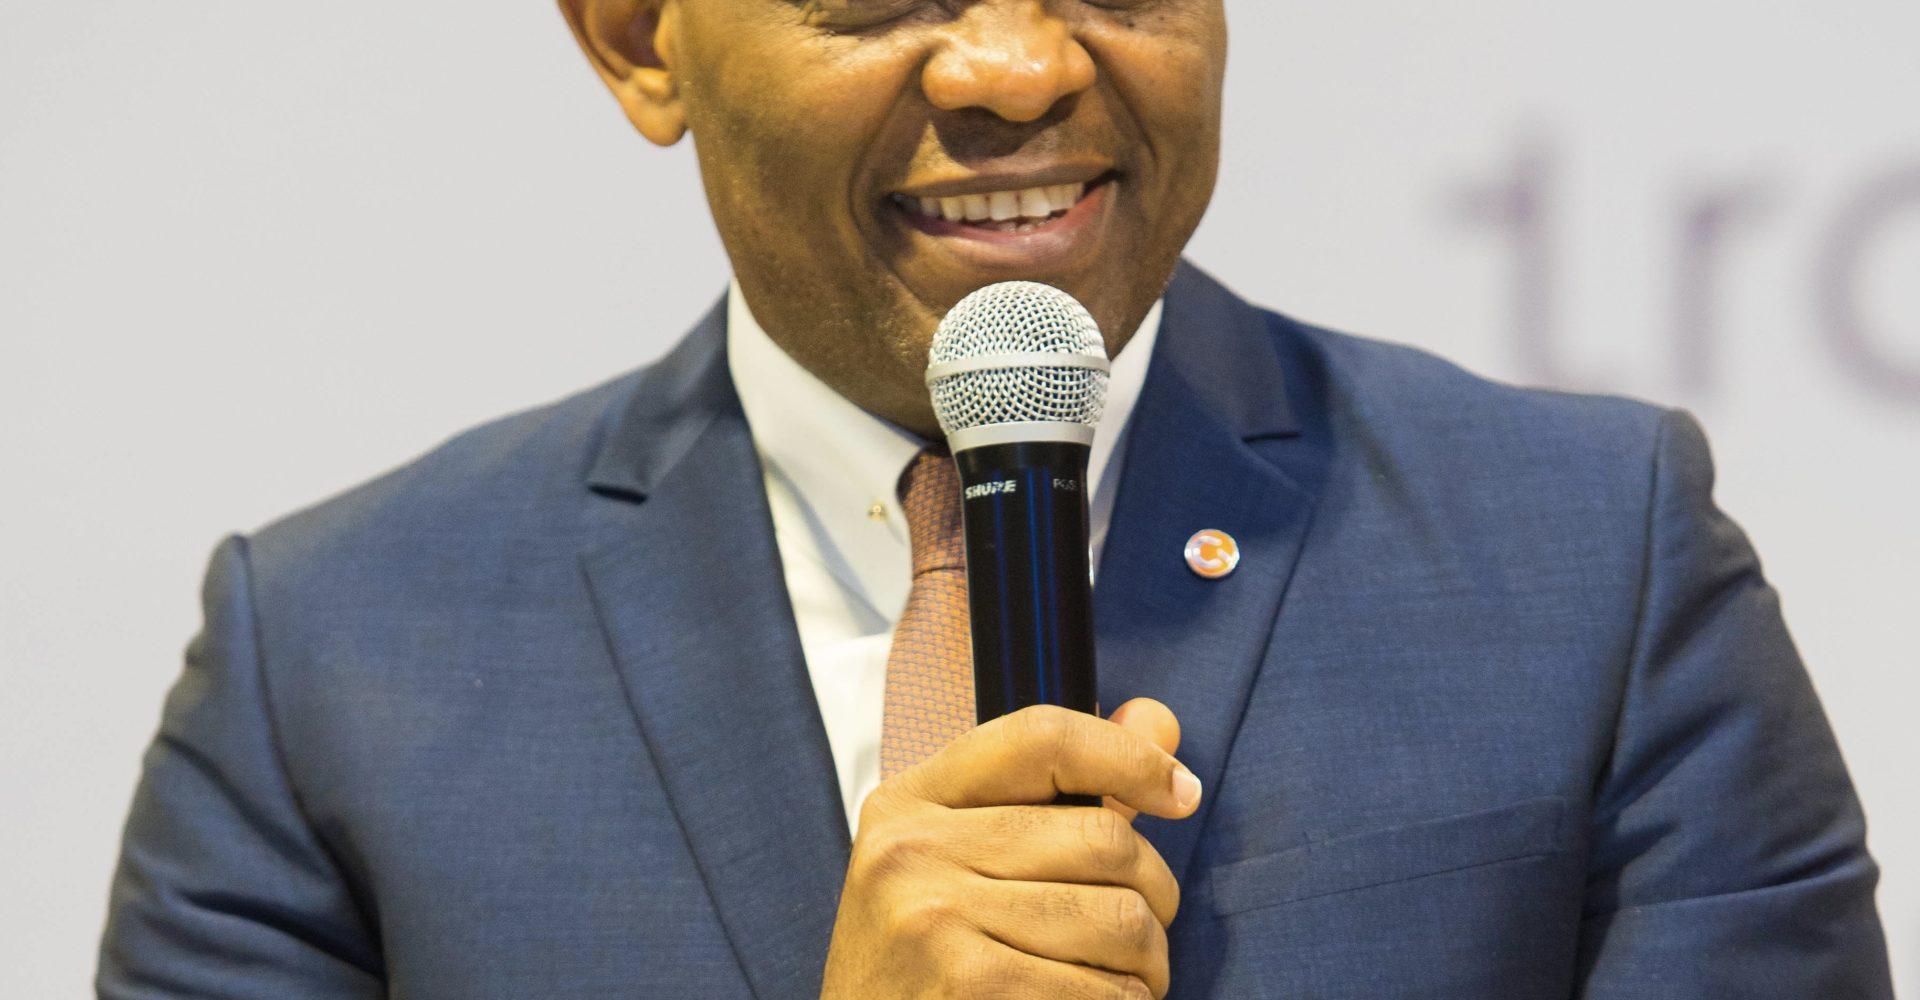 Tony Elumelu dit que la Covid-19 représente une opportunité de réinitialiser l'Afrique 1